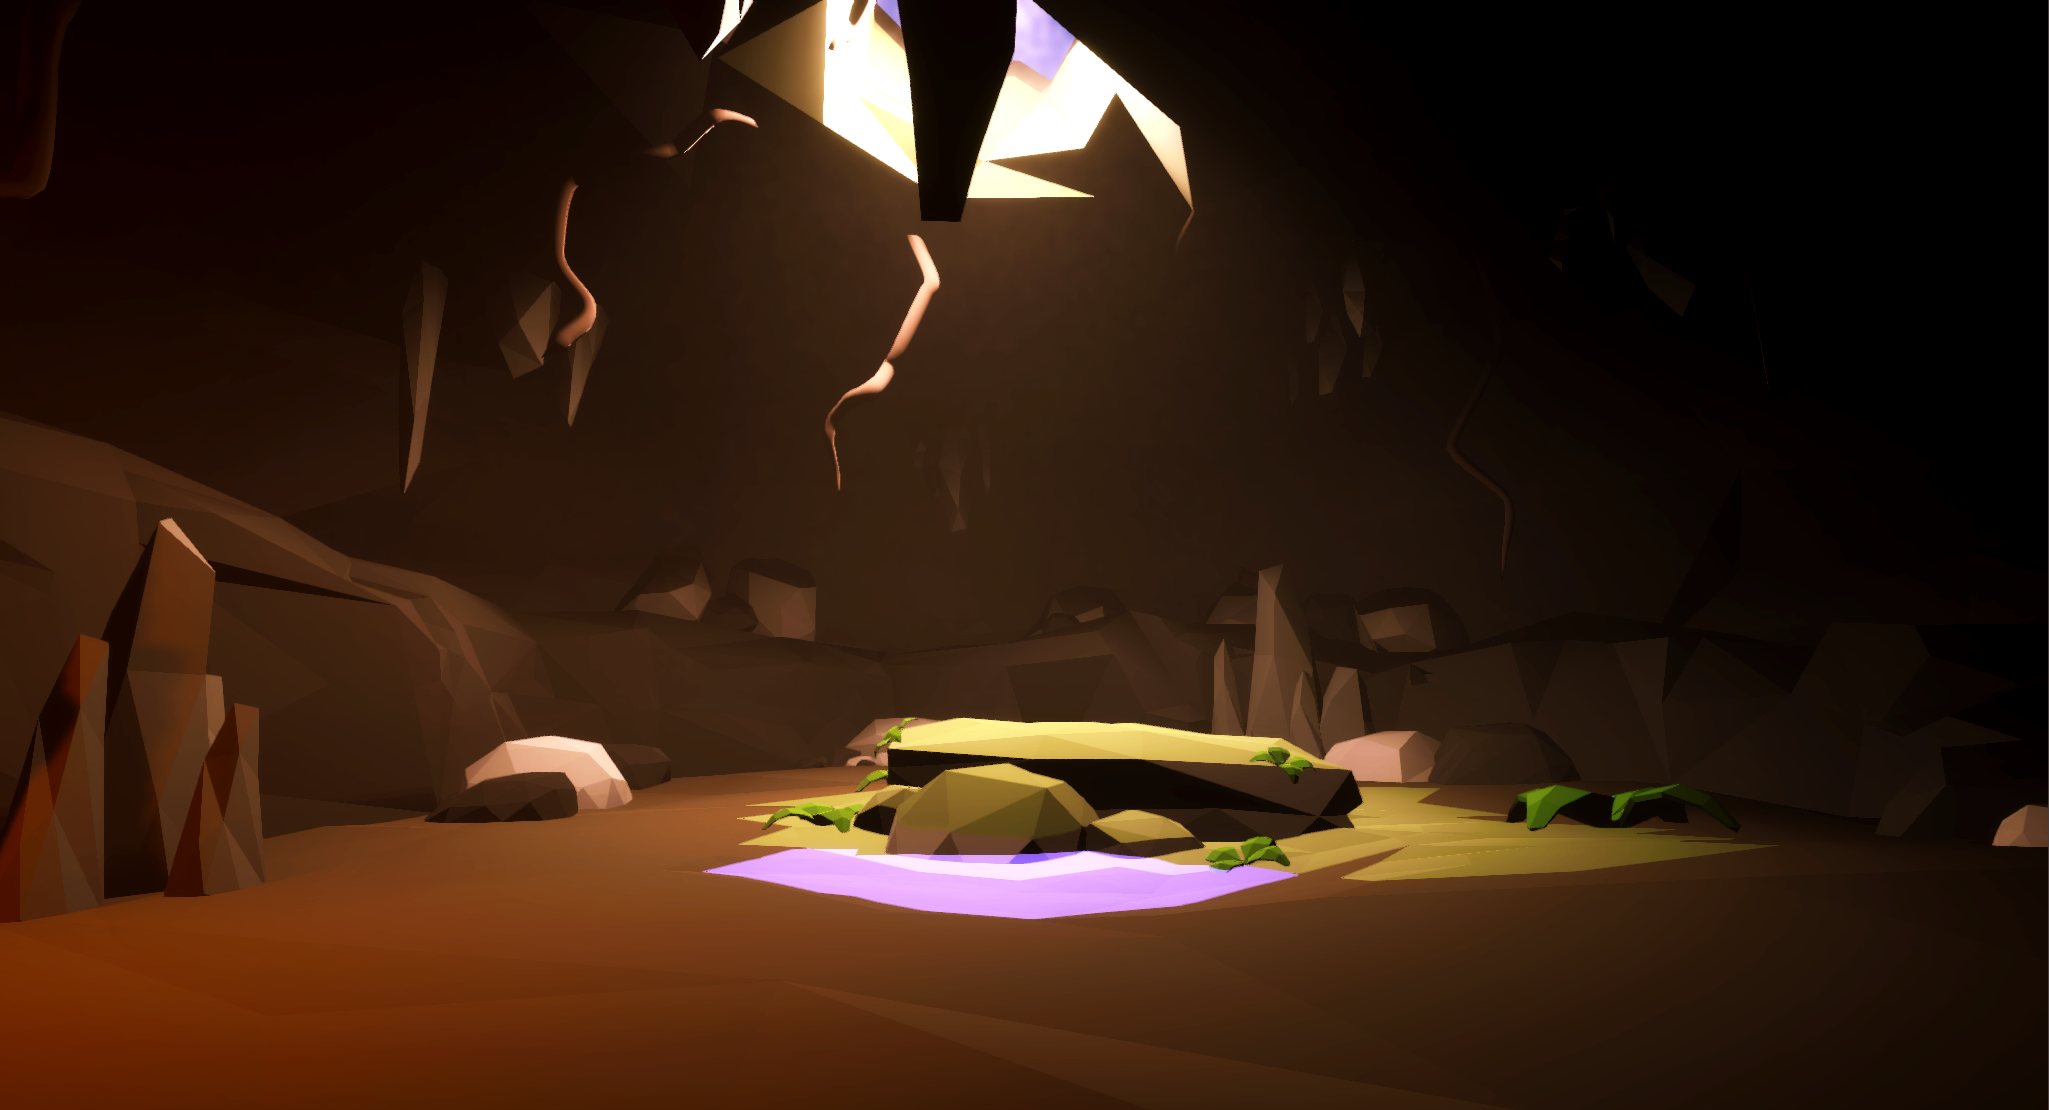 Split World - Leveldesign und Charakterentwicklung für ein Adventure Game